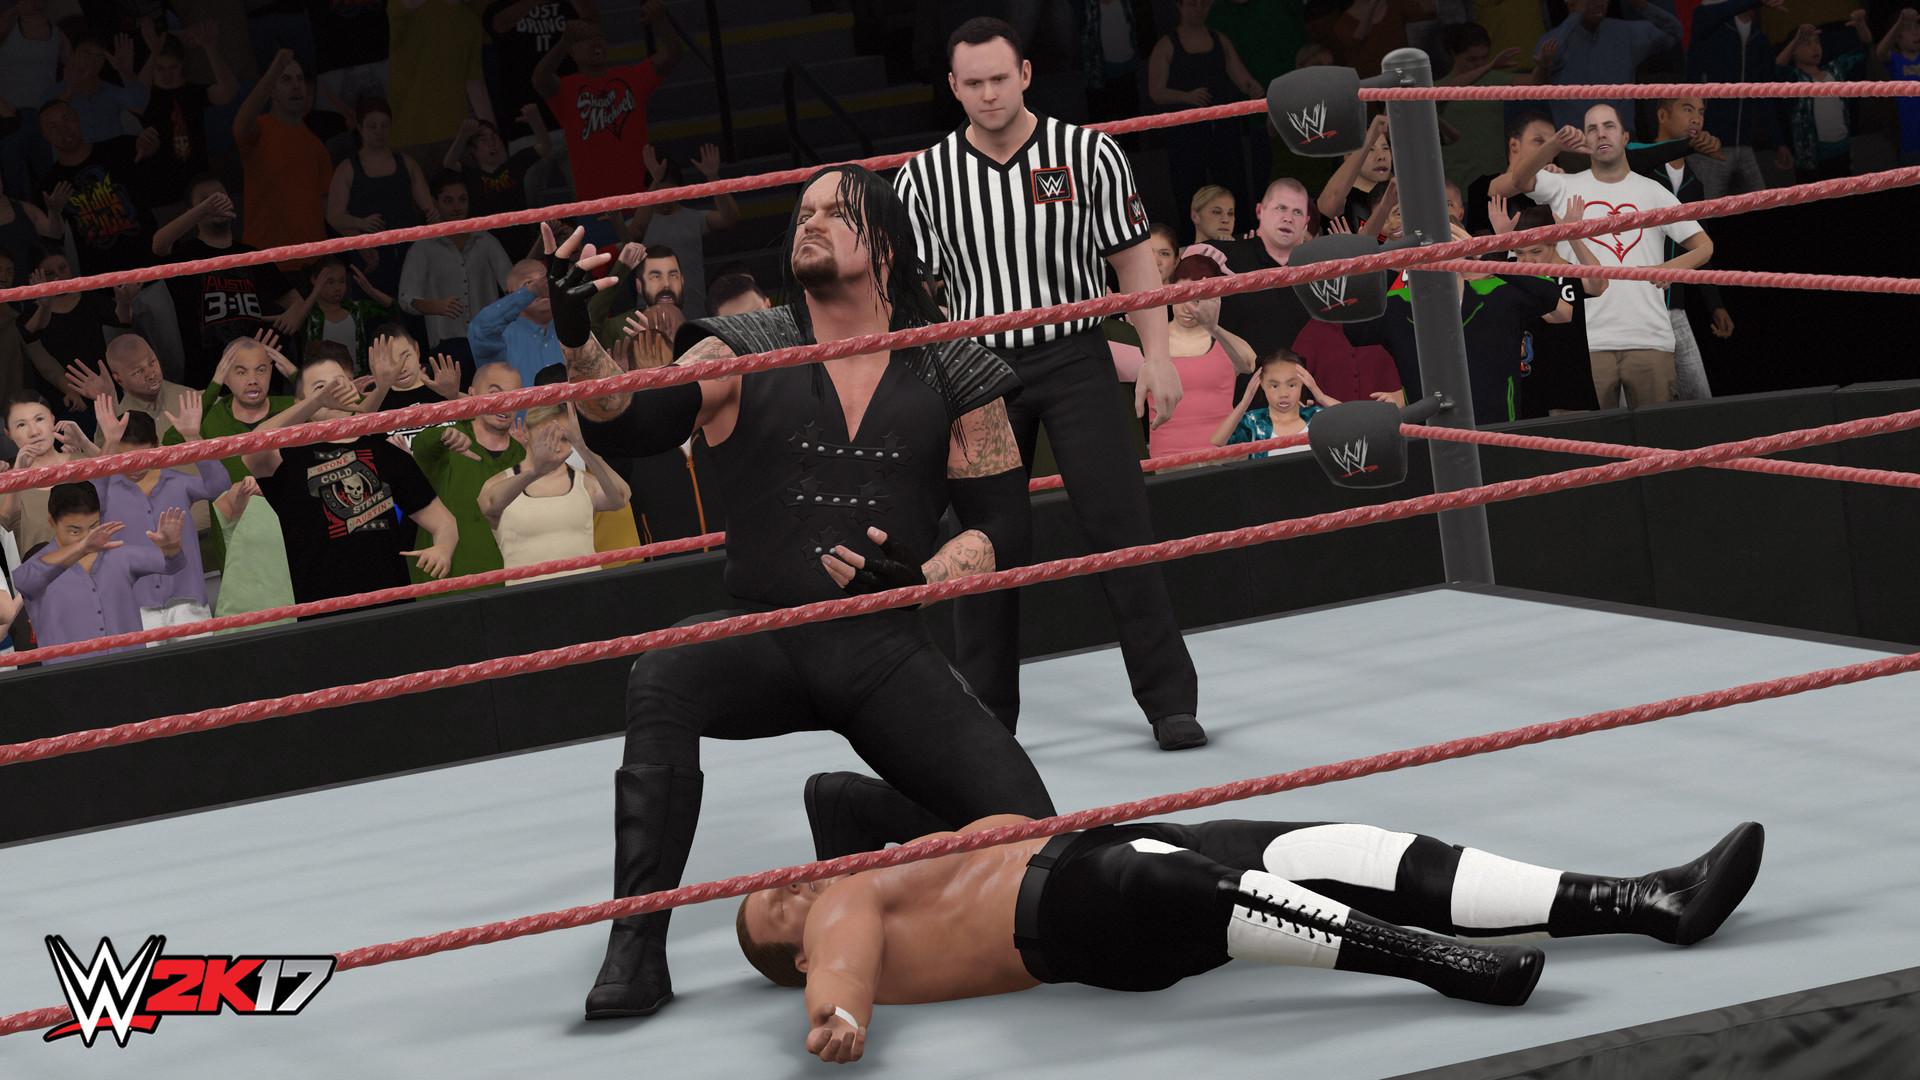 WWE 2K17 on Steam